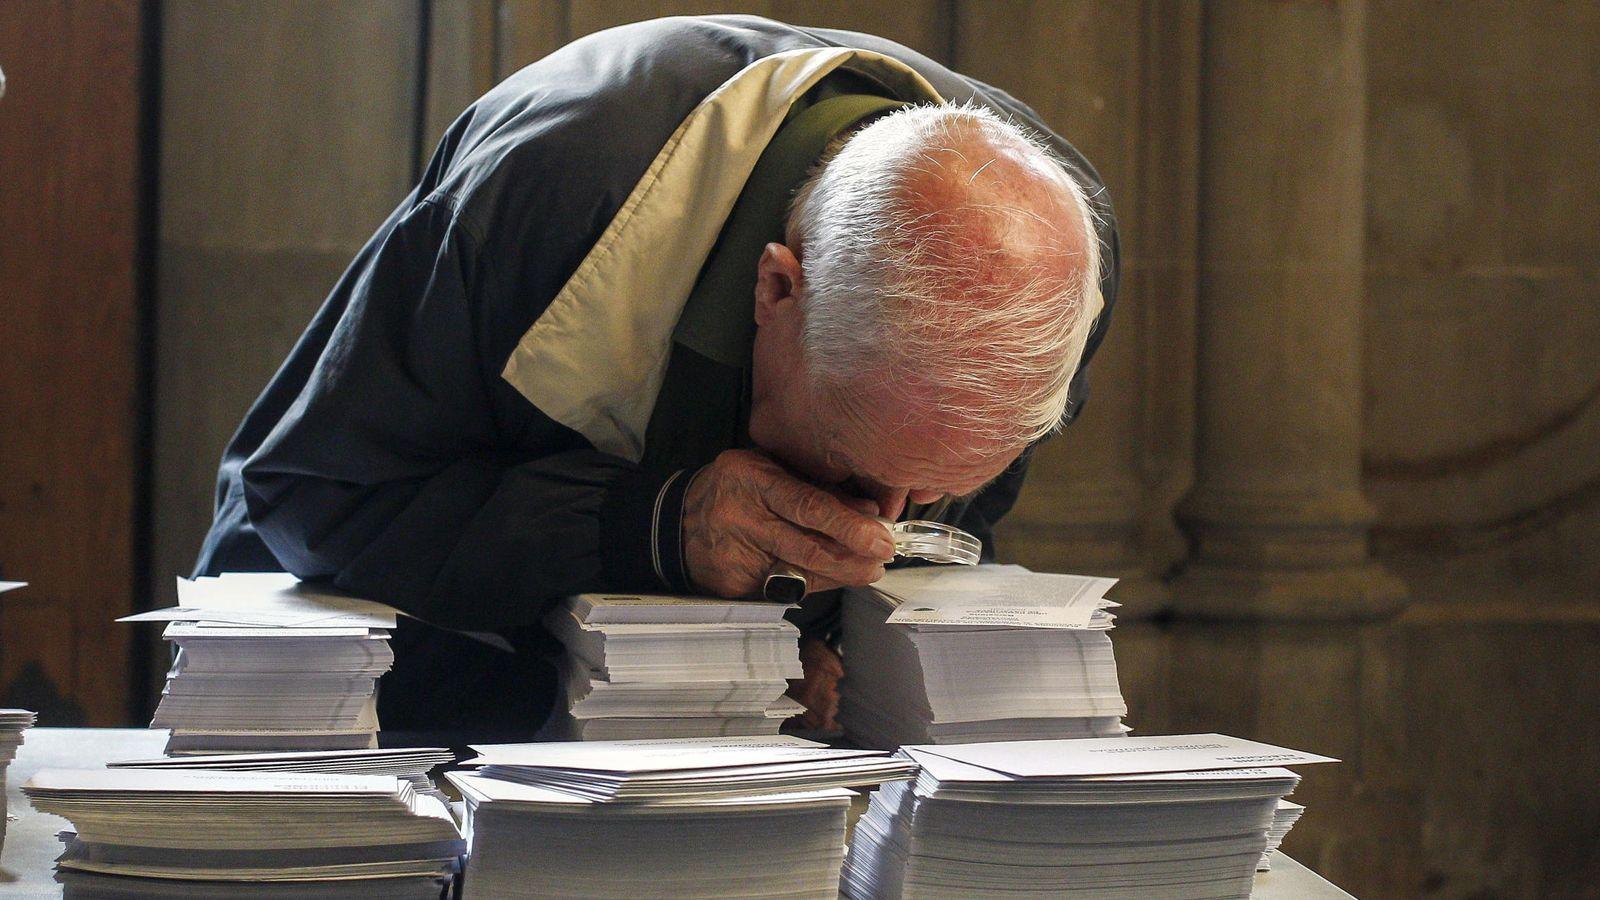 Foto: Una persona observa con una lupa las papeletas de las elecciones de 2015. (EFE)